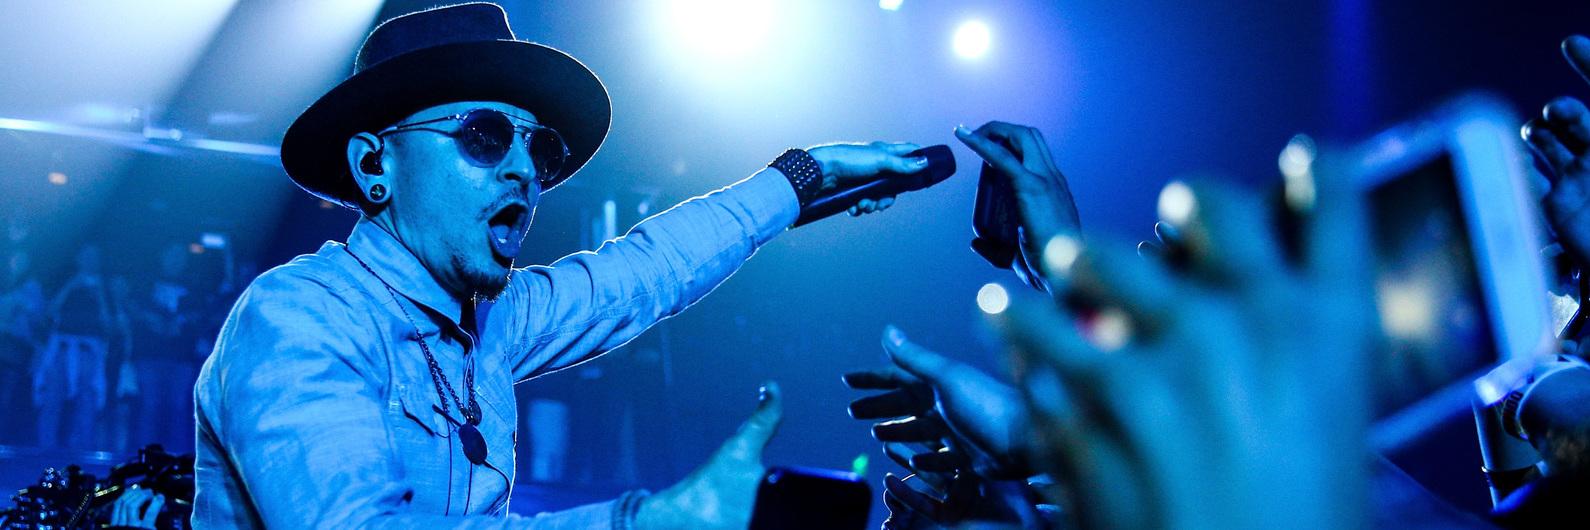 Coincidência (ou não)? Vocalista dos Linkin Park morre no dia de aniversário de Chris Cornell